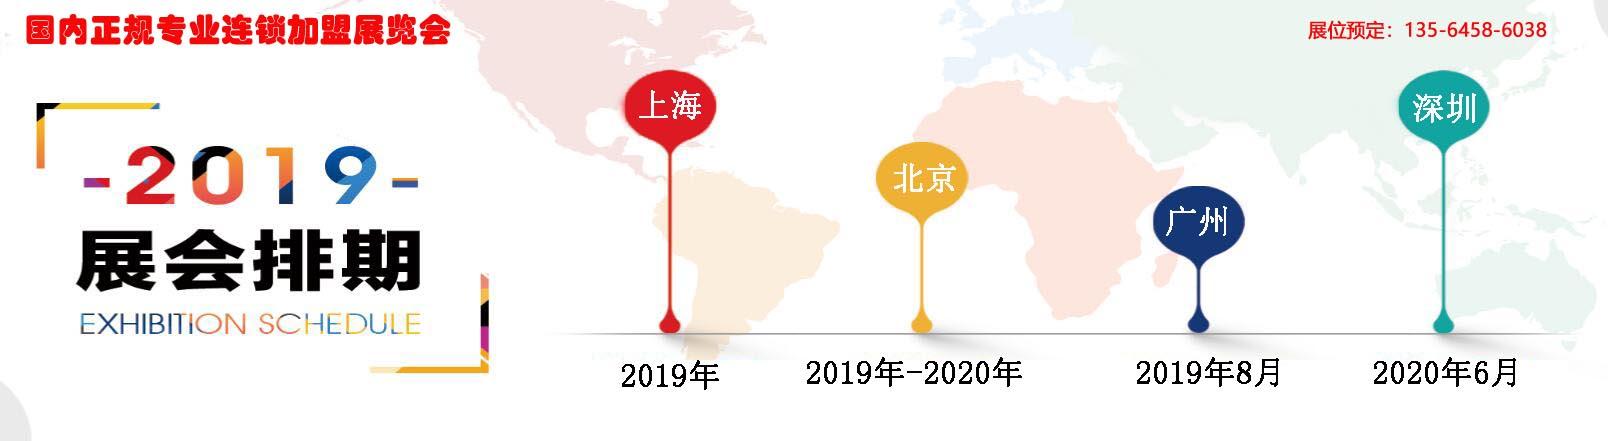 广州餐饮加盟展览会2019、8、23-25_1